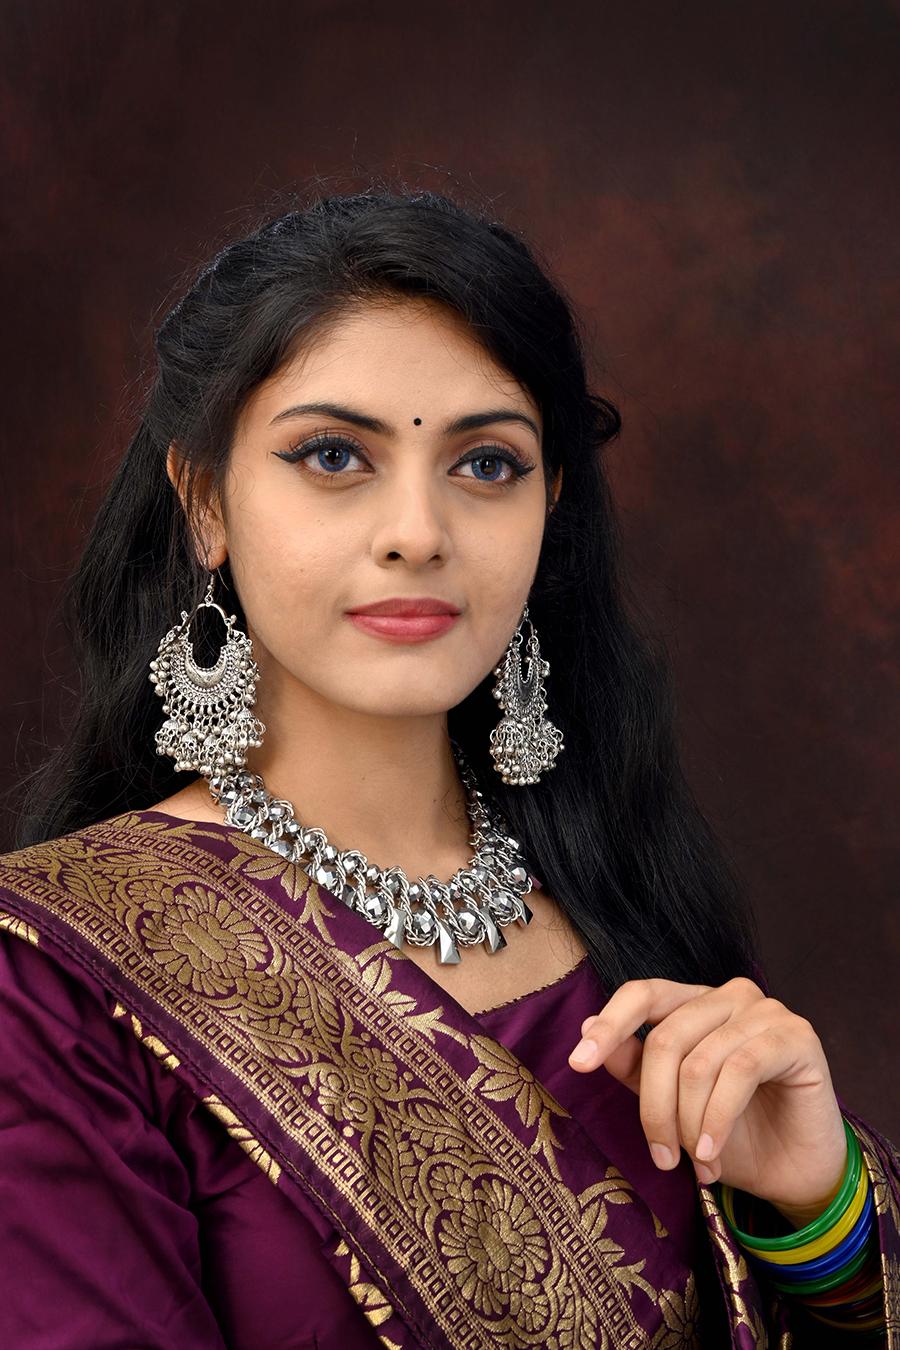 Royal Beauty By Tamma Srinivasa Reddy ARPS (India)